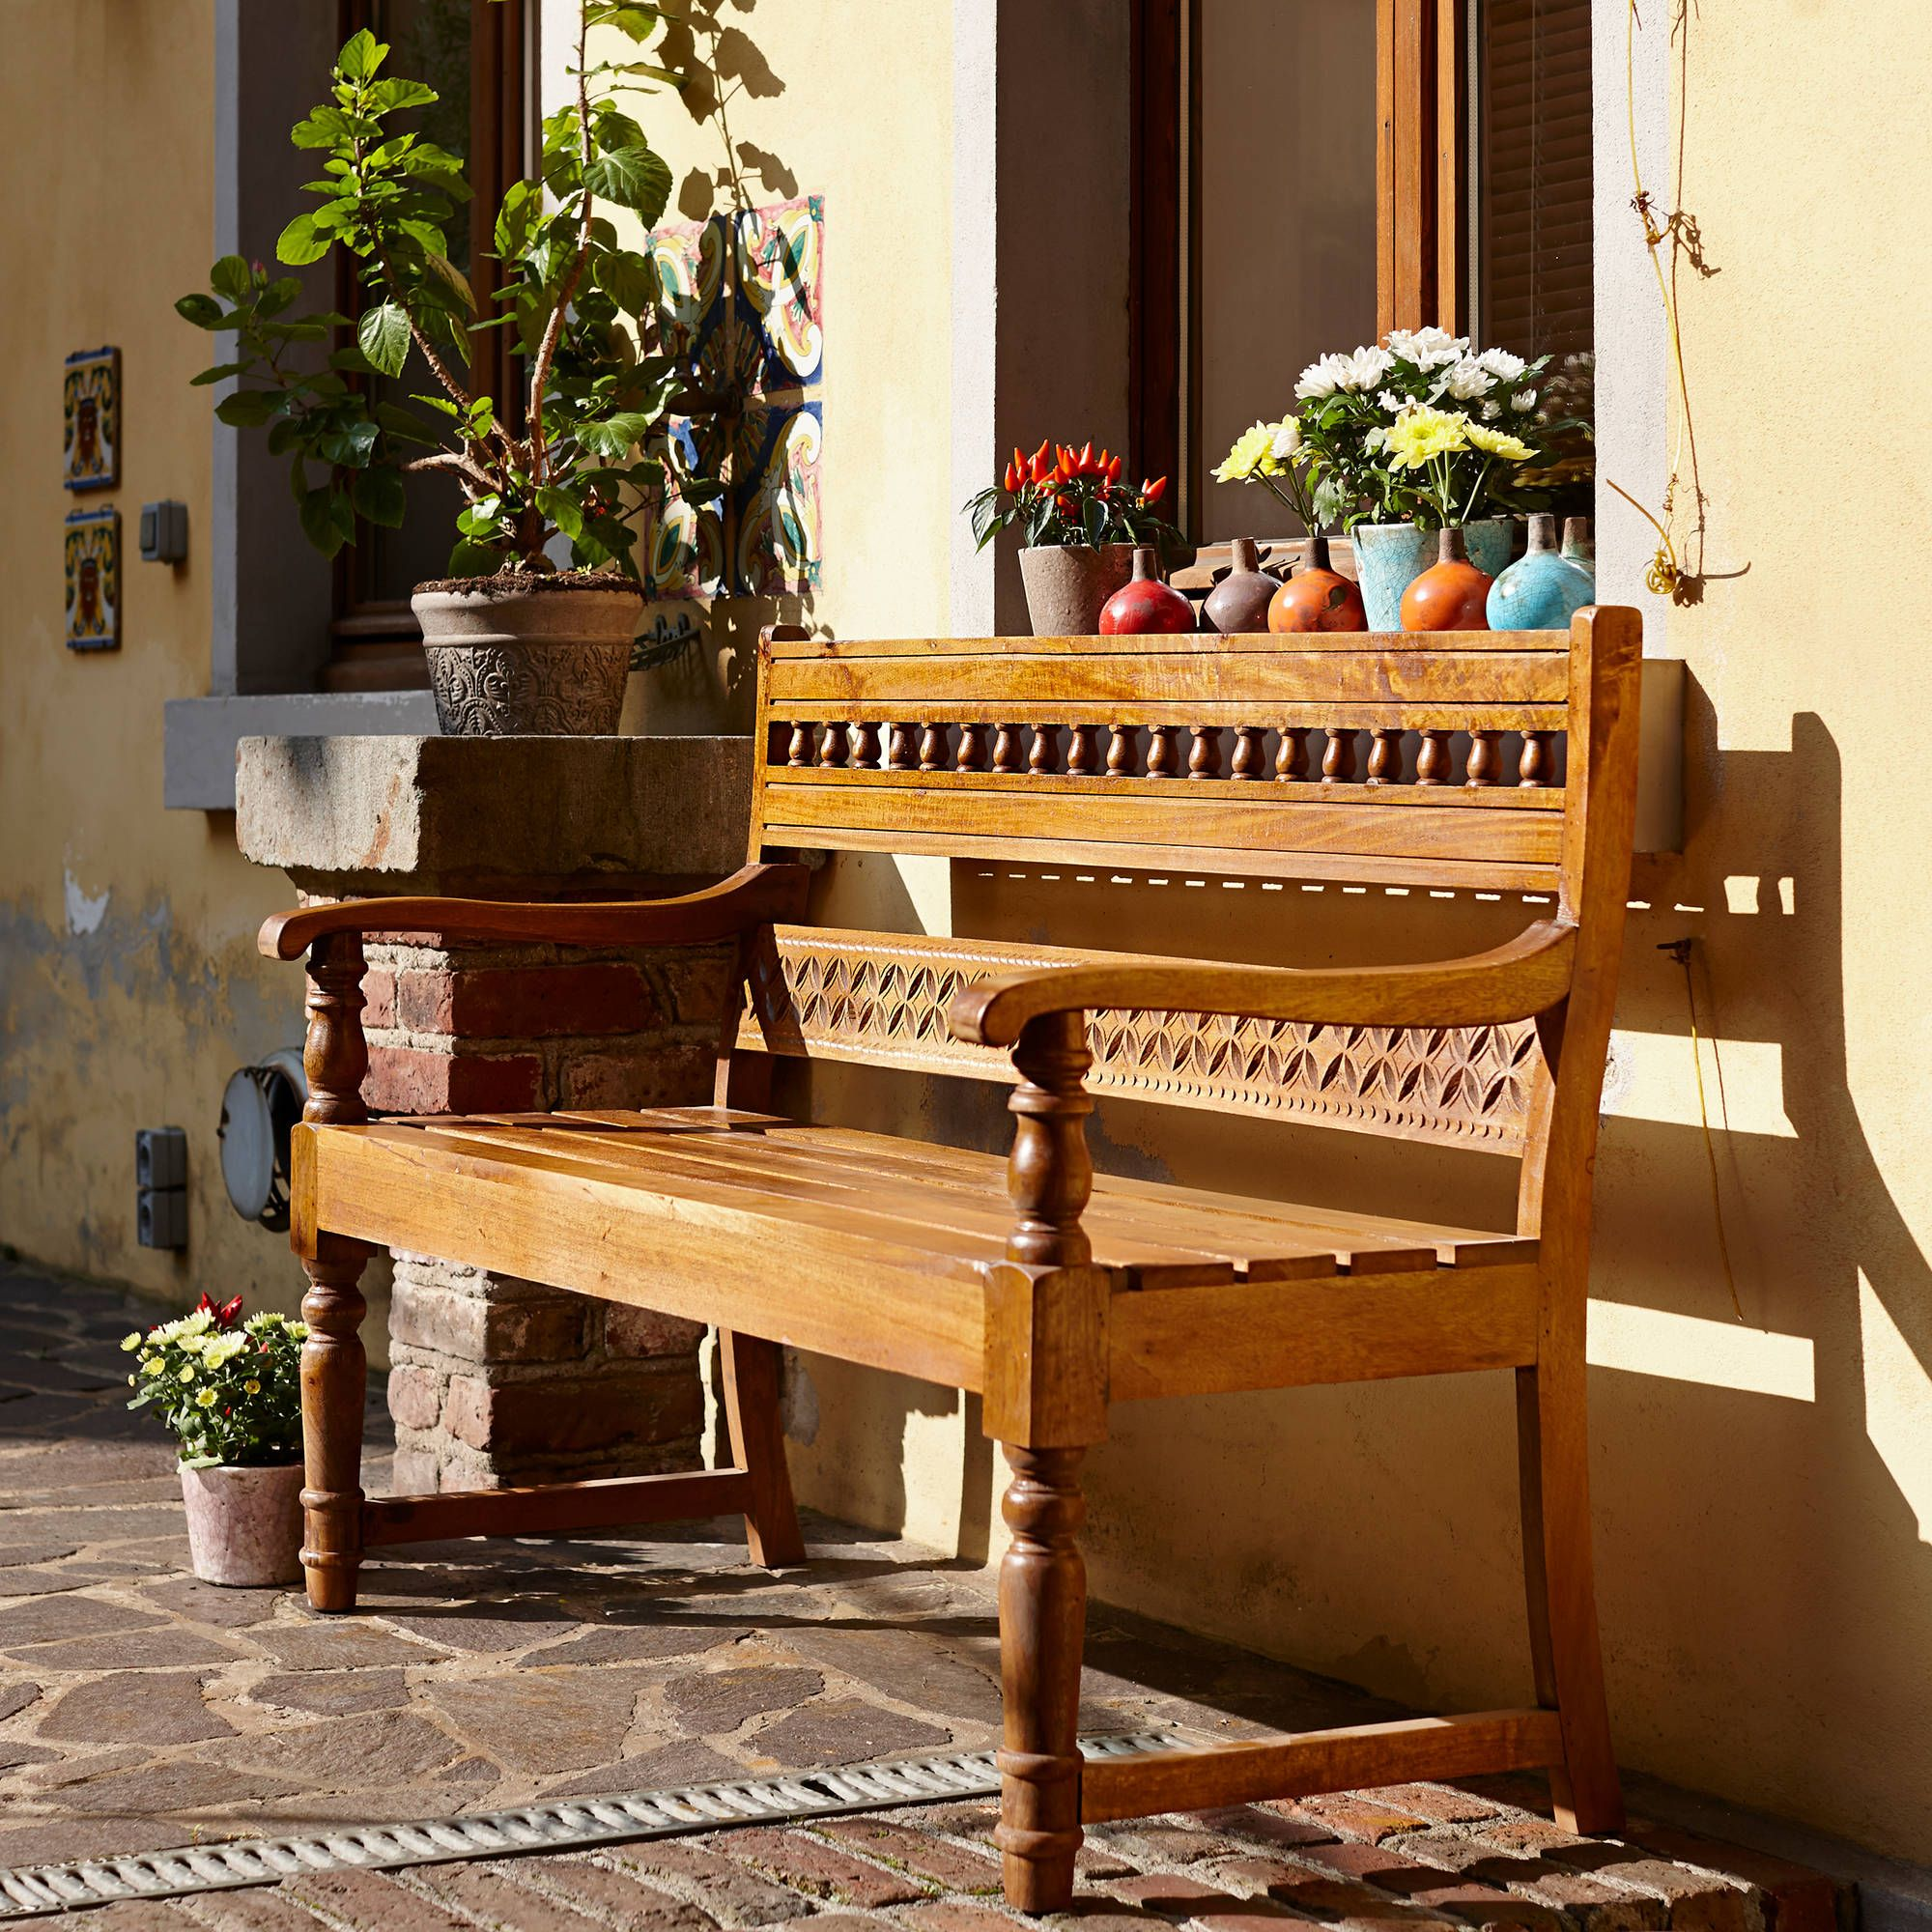 56 Best Terasz és kert images | Kert, Terasz, Kerti bútorok